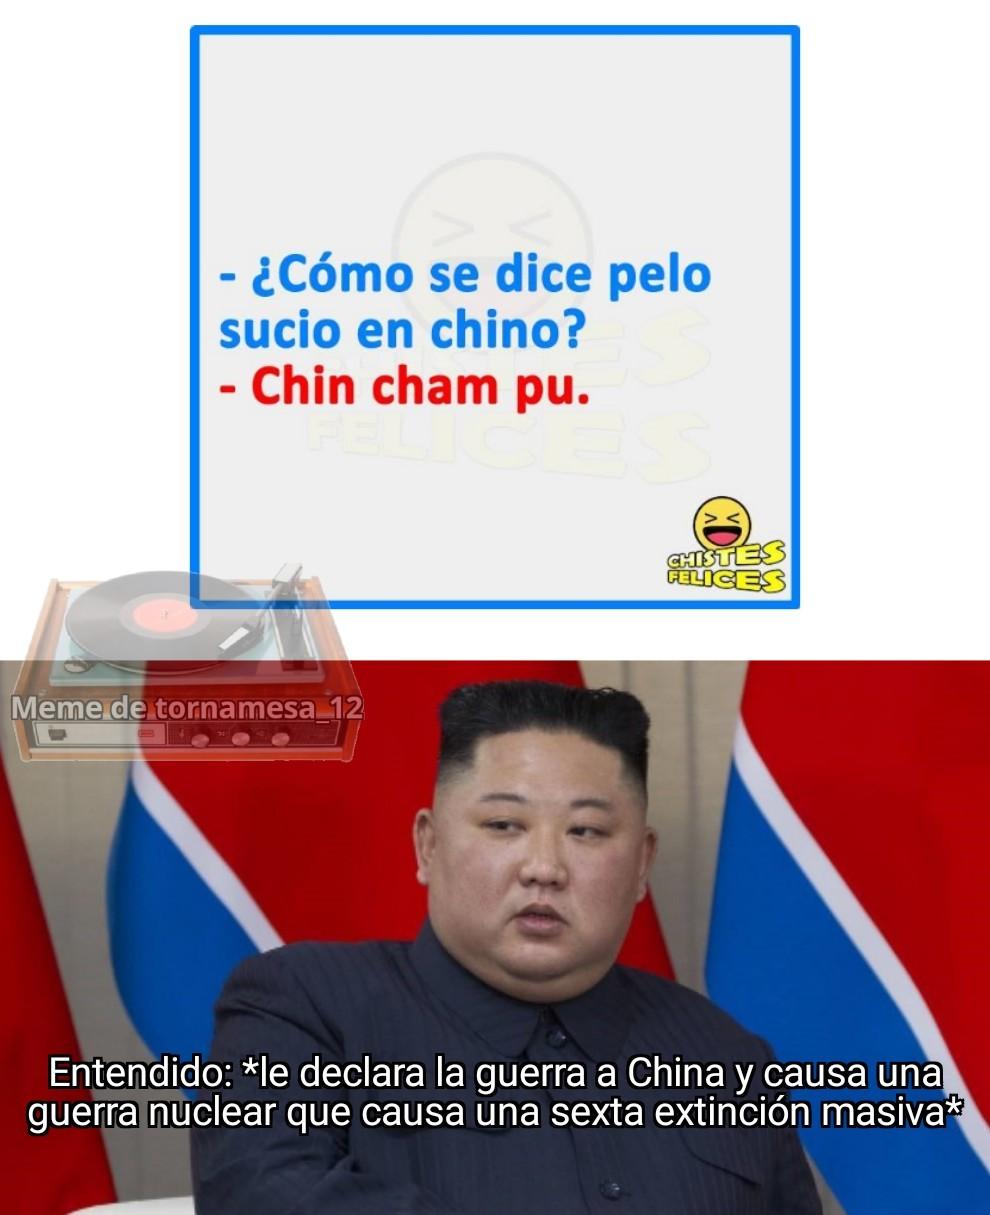 El chiste es que chim Cham ou sería una declaración de guerra en Chino (o coreano) - meme